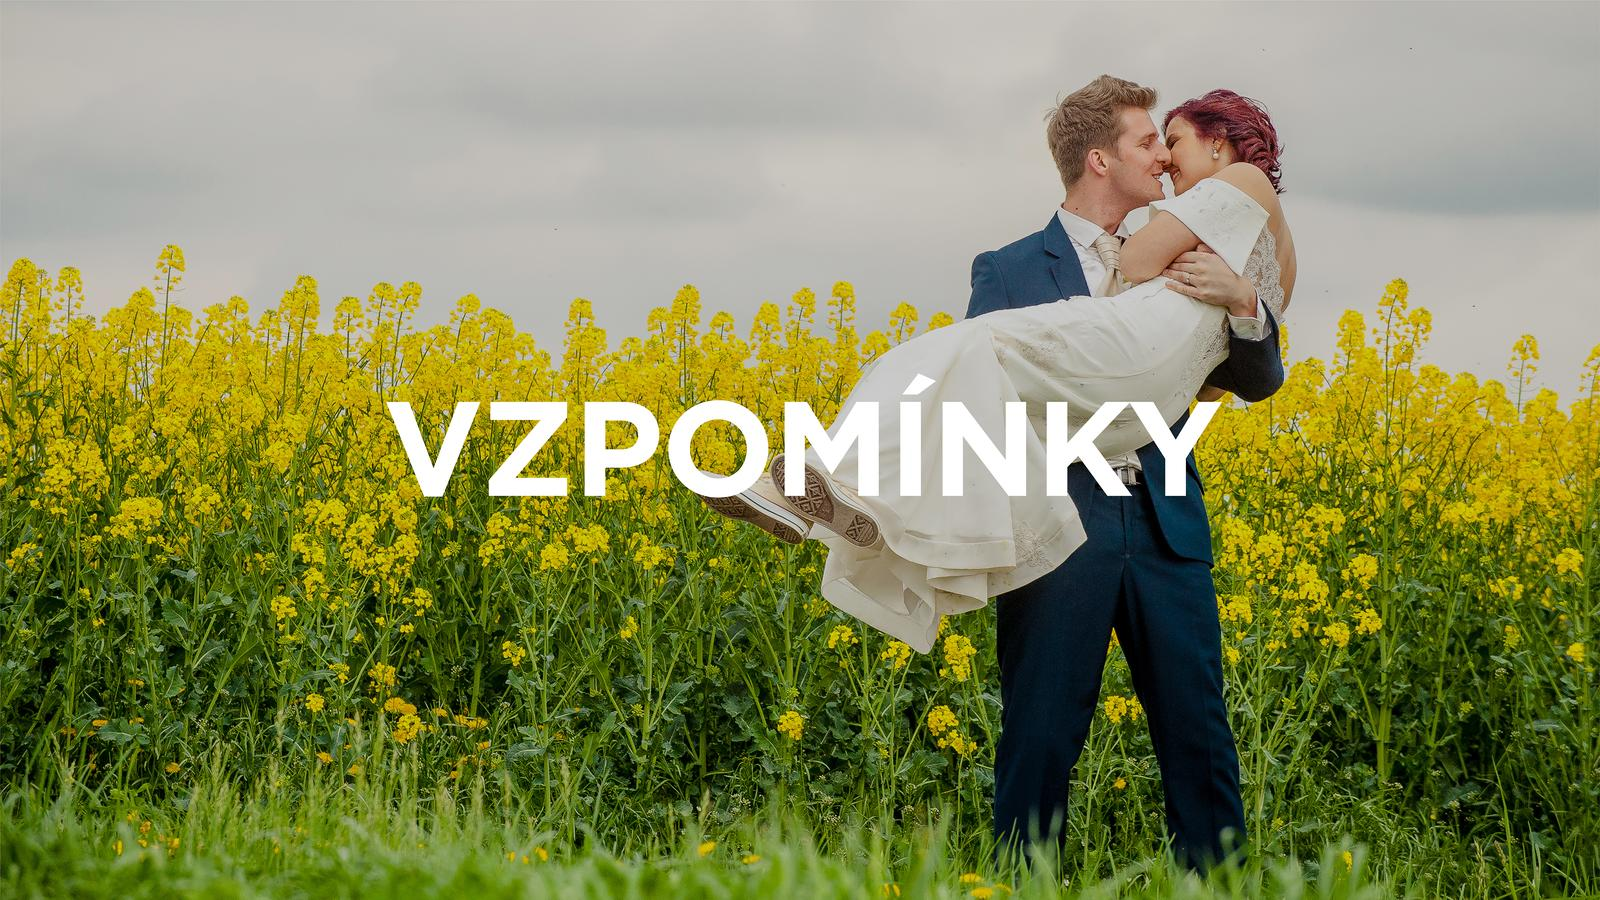 jakubjenik - www.jakubjenik.cz